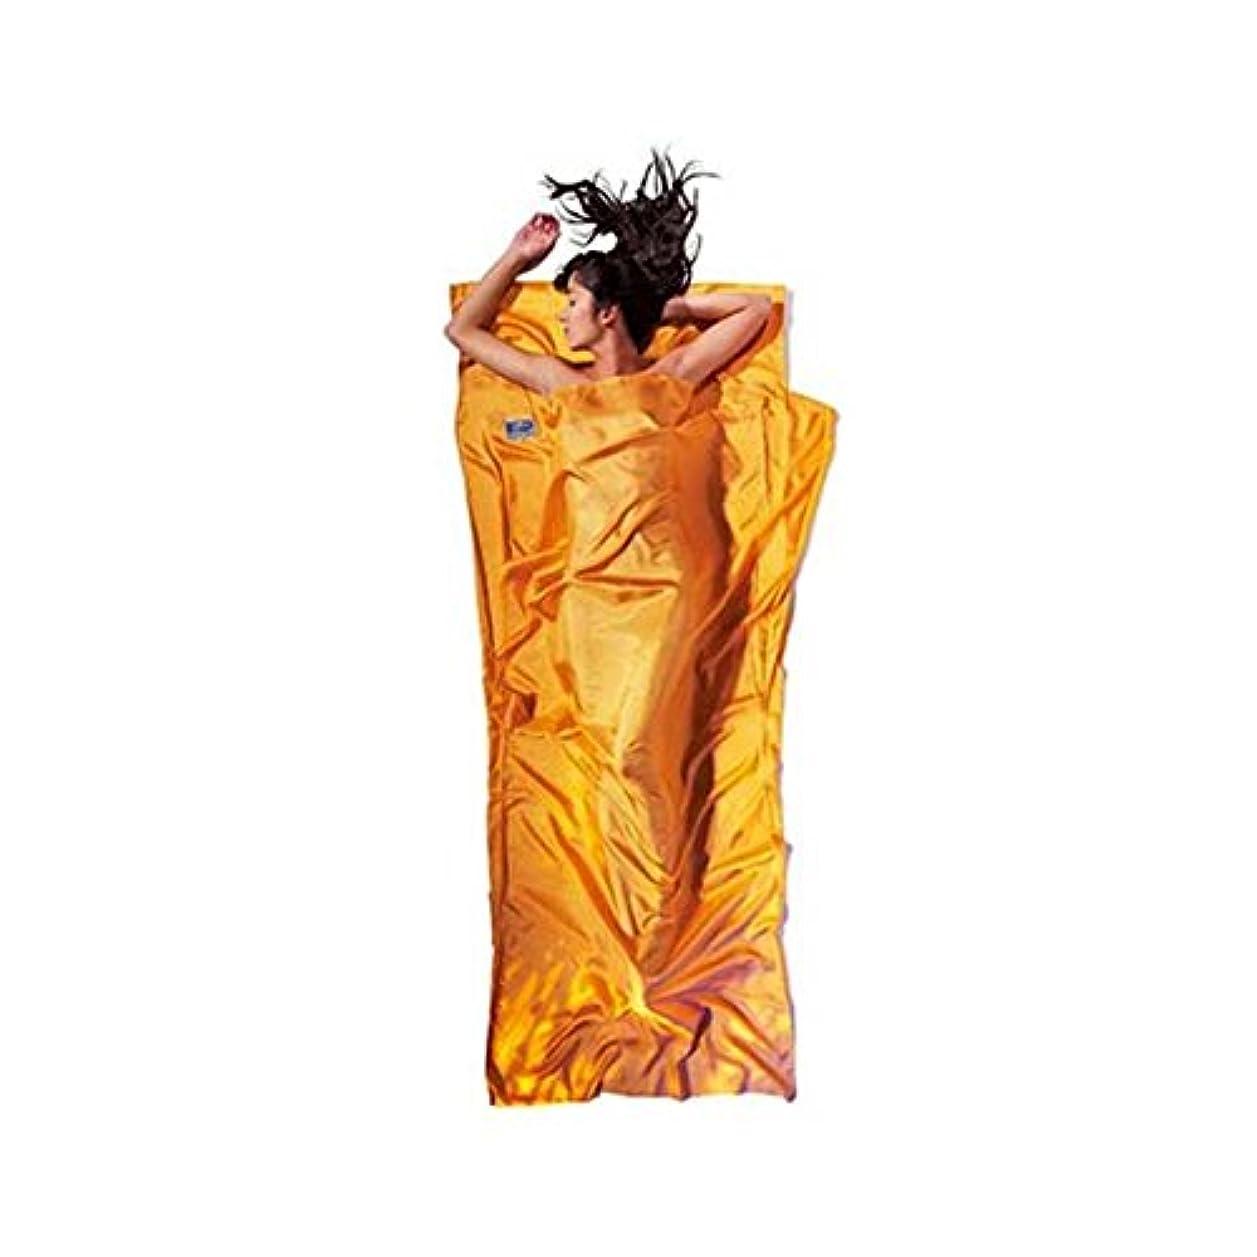 環境に優しいコンプリート出費コクーン トラベルシーツ シルク サンセットオレンジ12550001005000